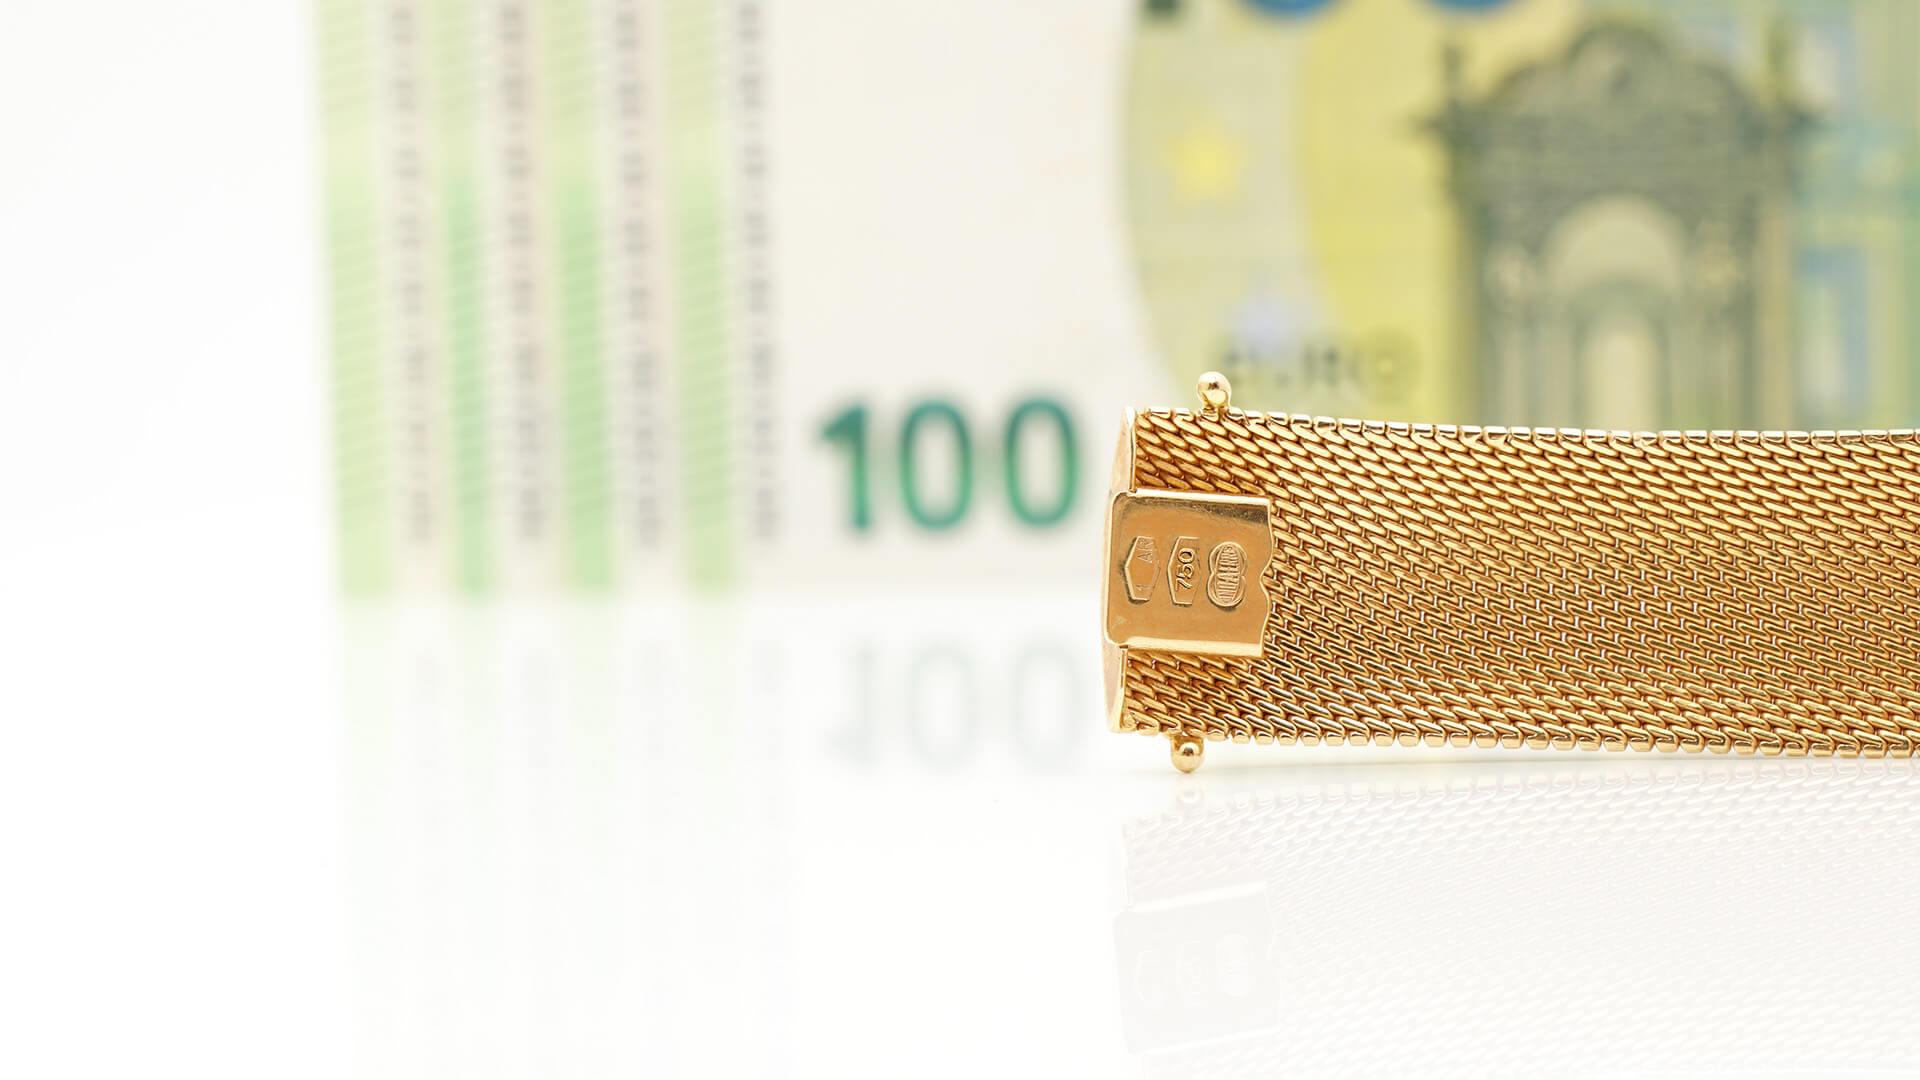 750 Gold Preis im Ankauf Verkauf – 750er Gold Wert pro Gramm